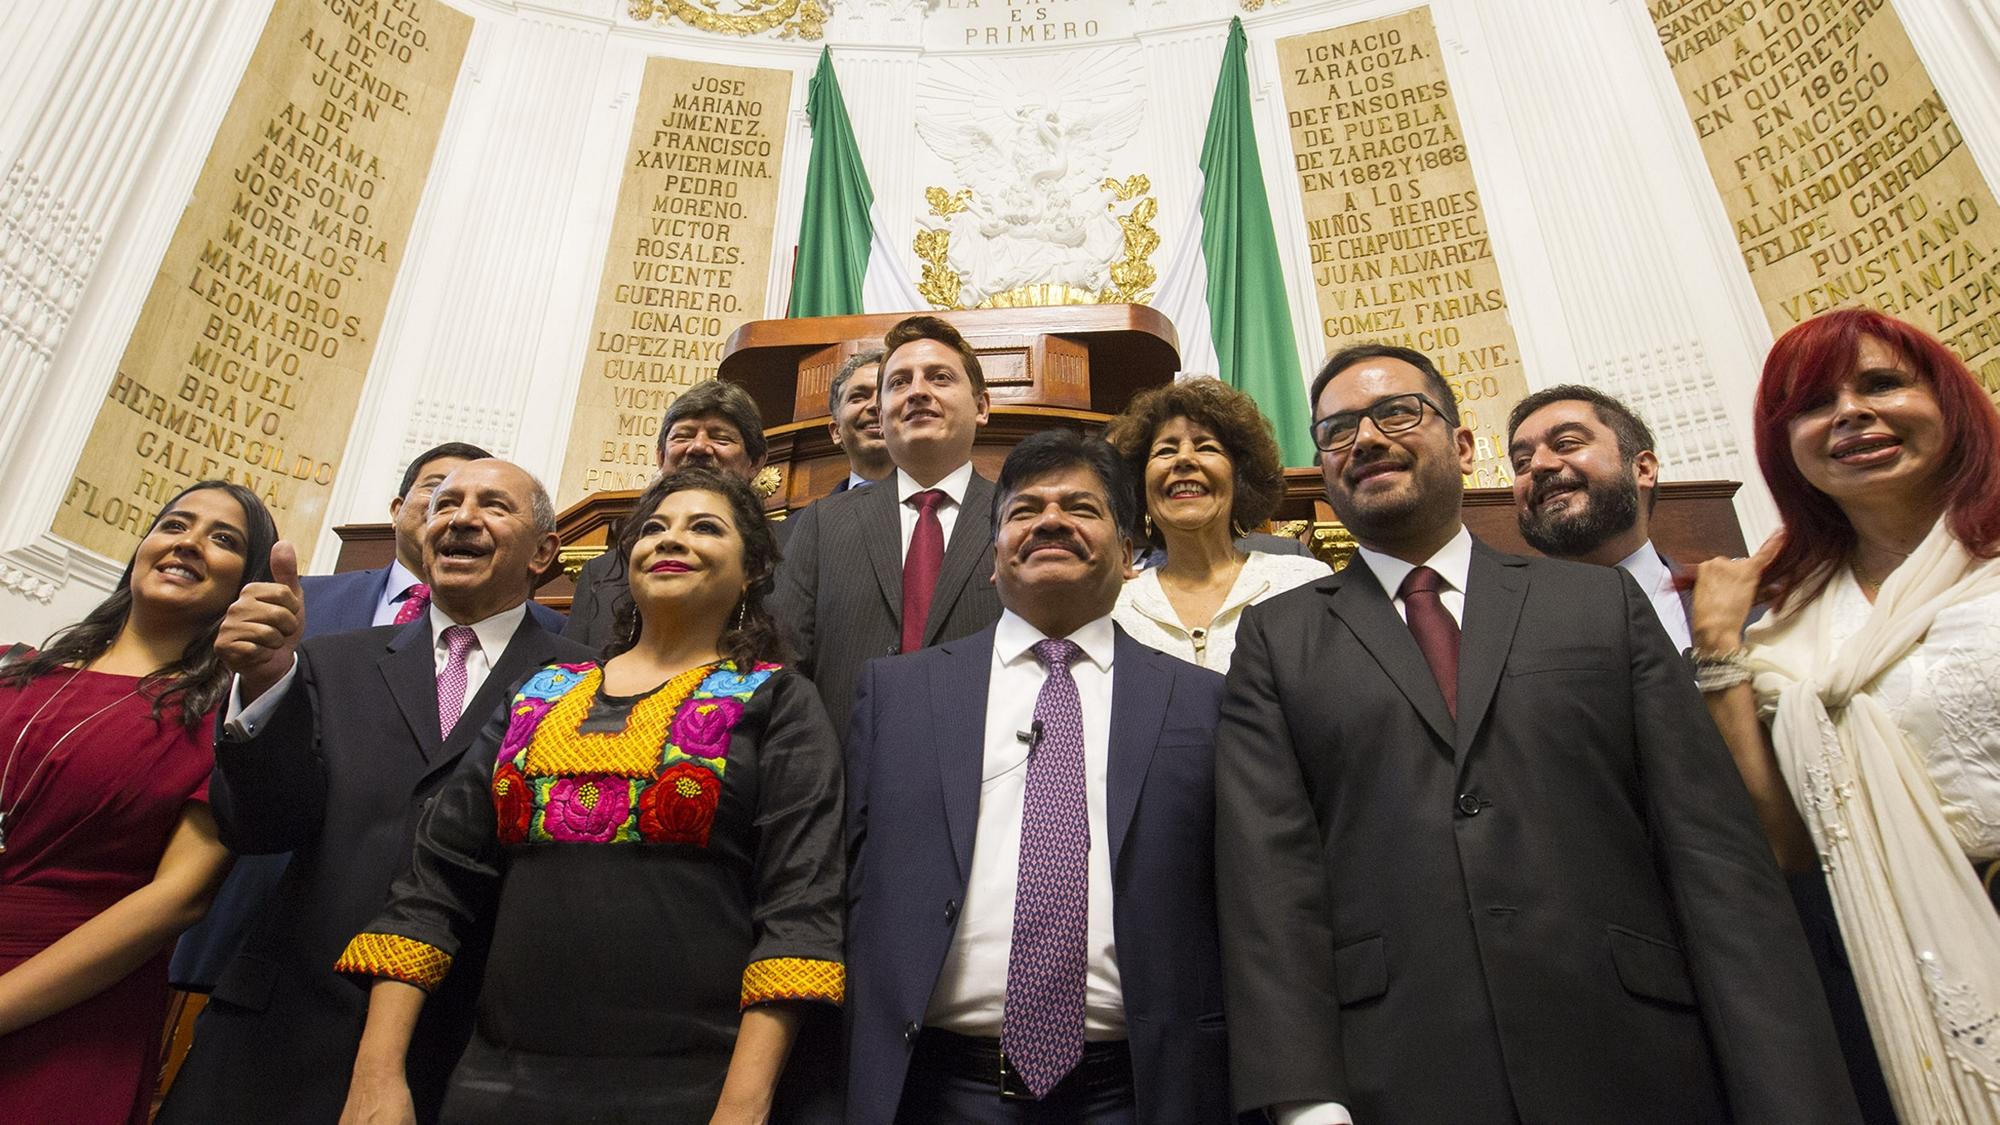 Los 16 nuevos alcaldes de la Ciudad de México rinden protesta